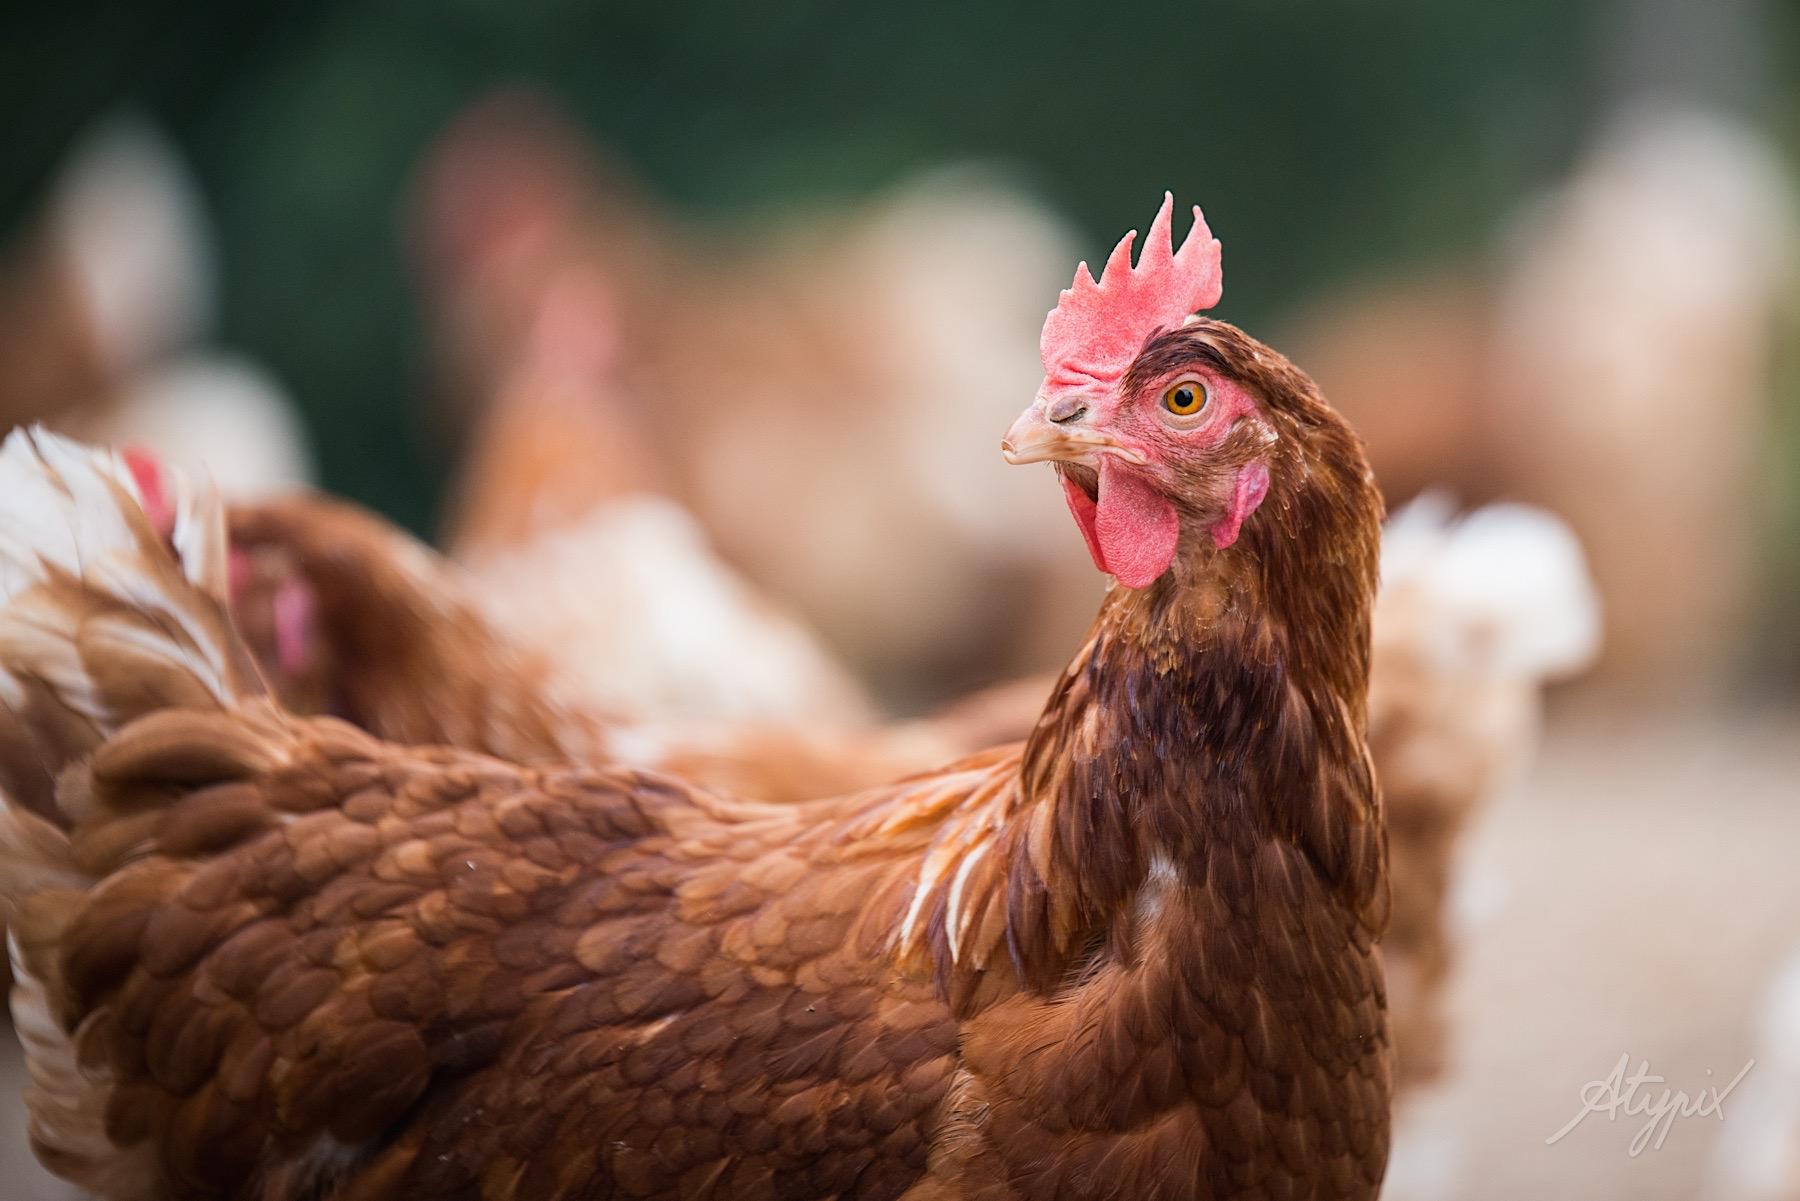 photographie commerciale poule élevage biologique